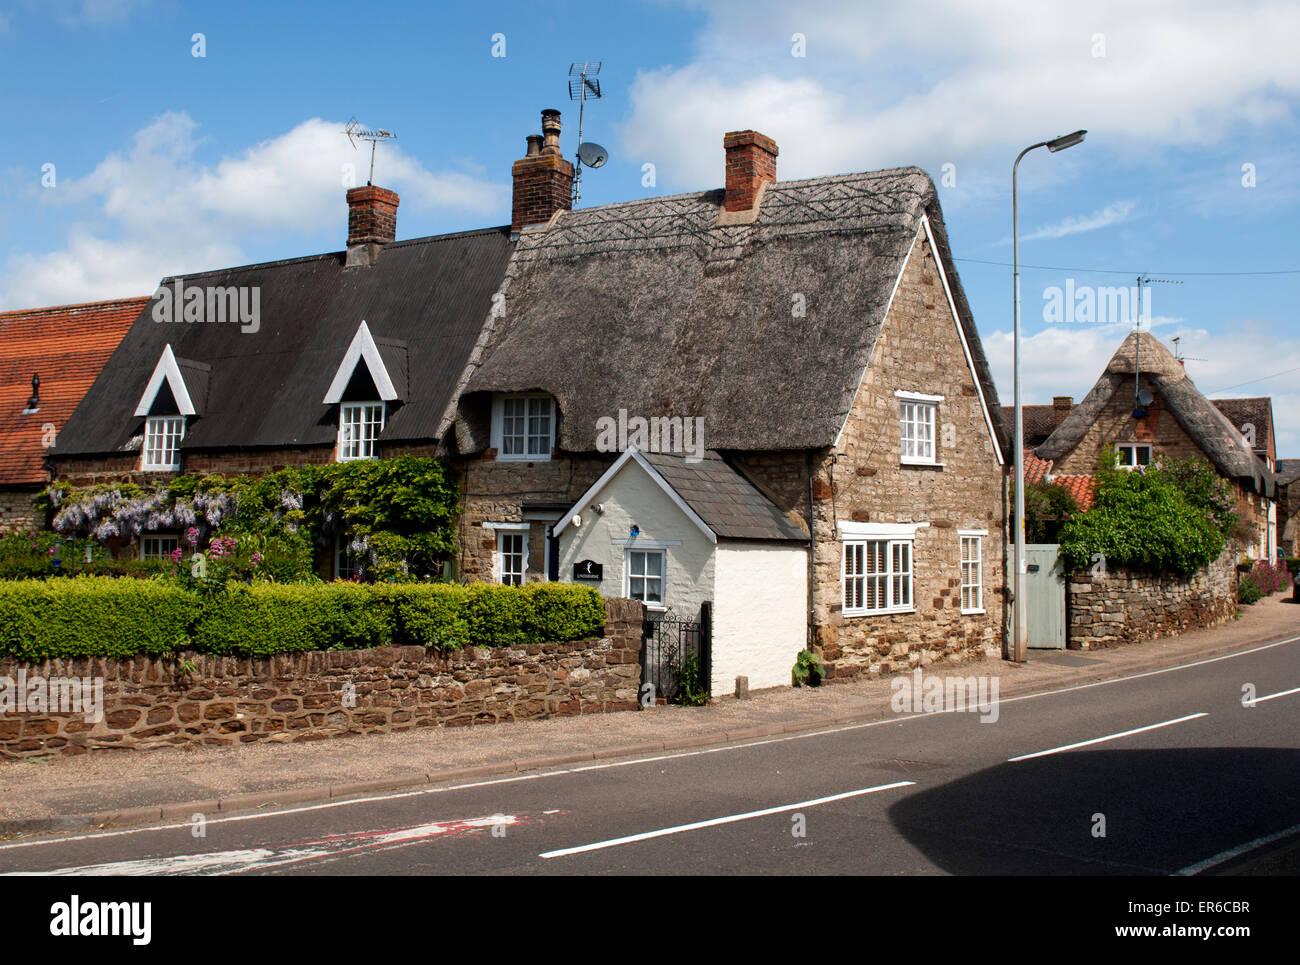 Blisworth village, Northamptonshire, England, UK - Stock Image